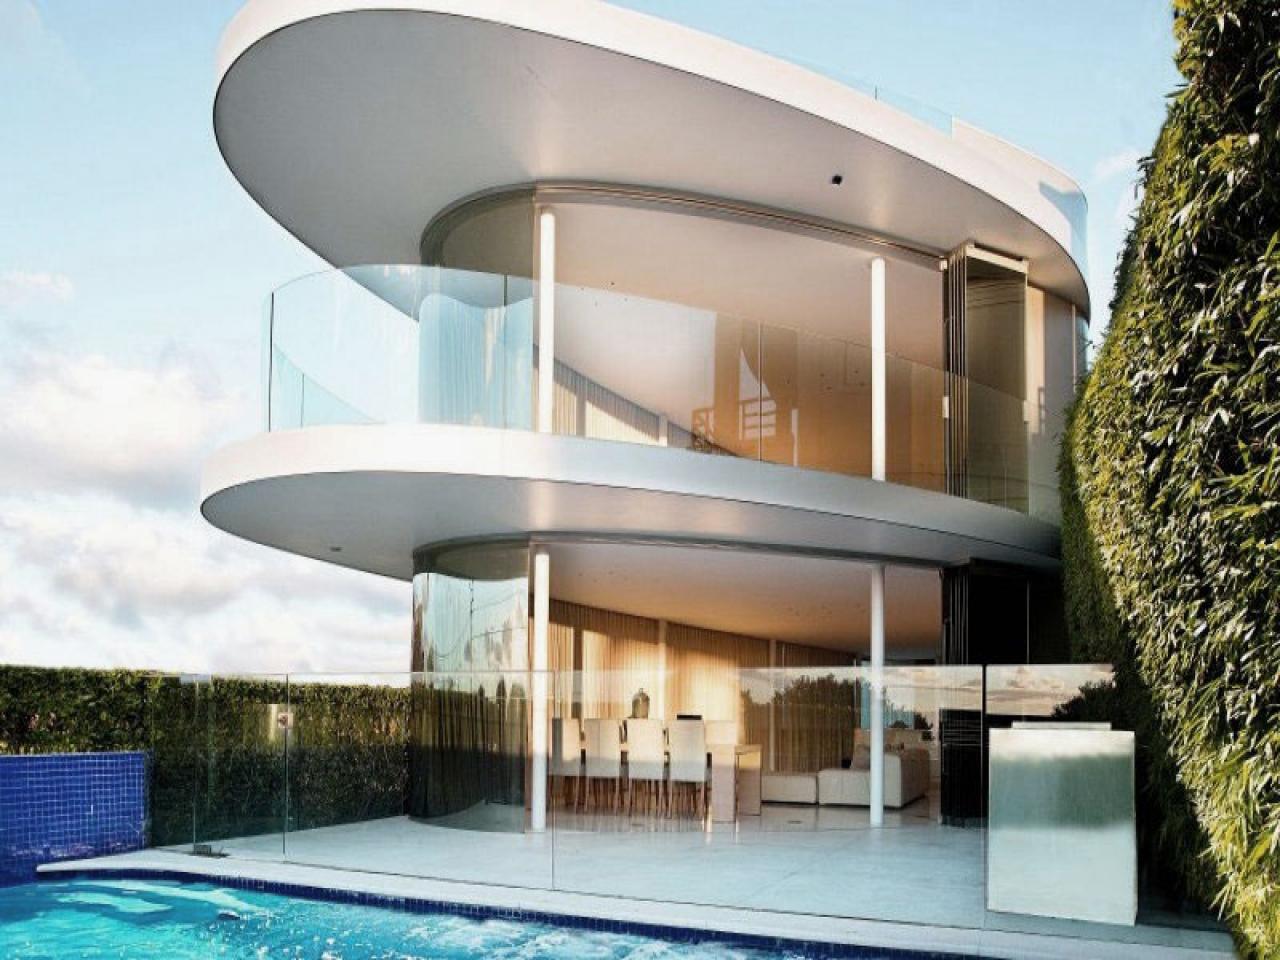 свой будущий дом картинки